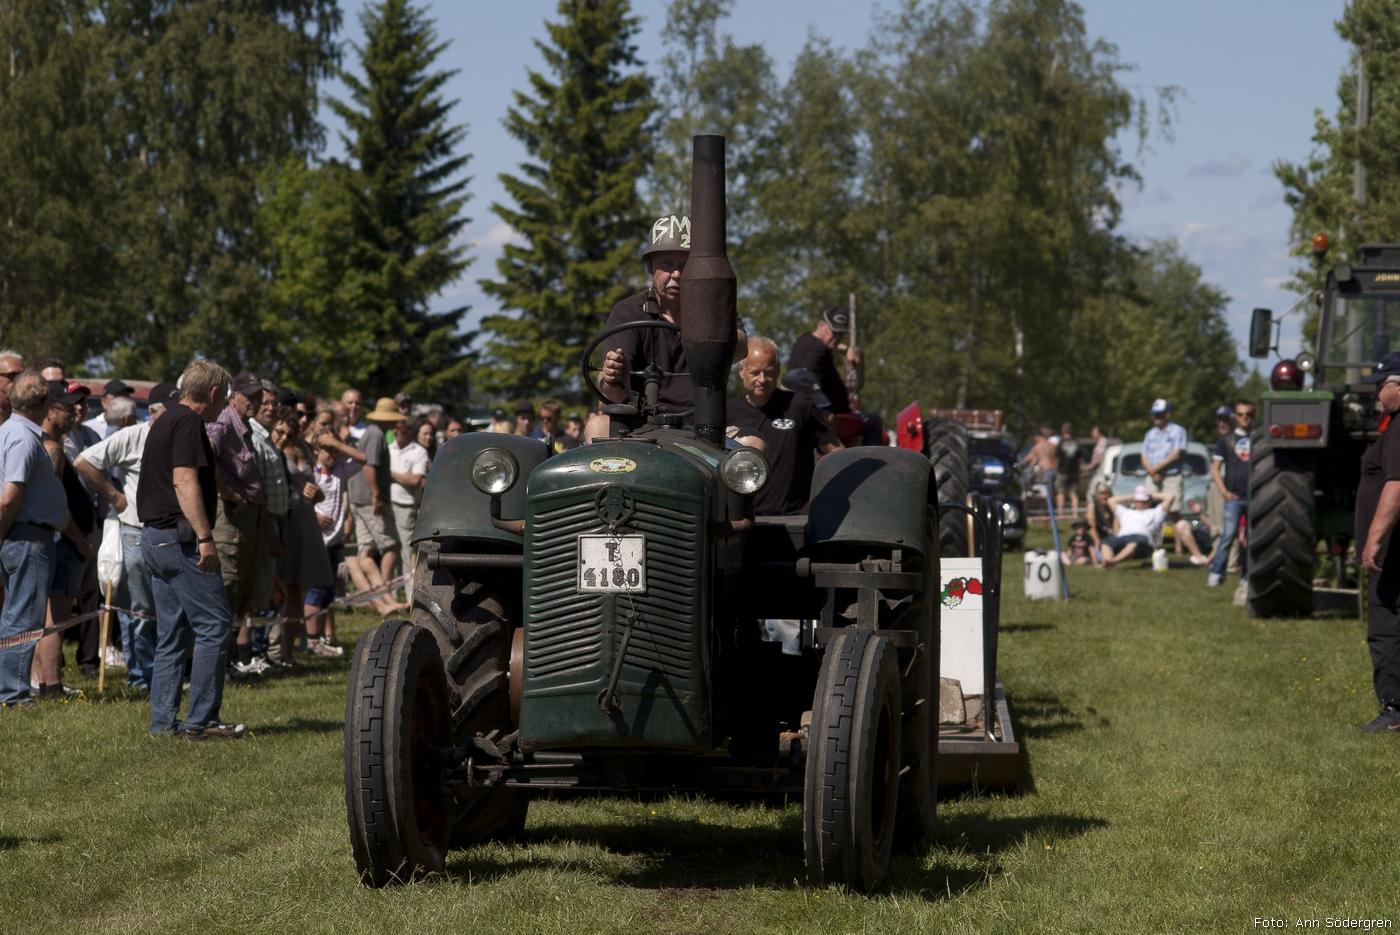 2011-06-04_149_ClassicMotor